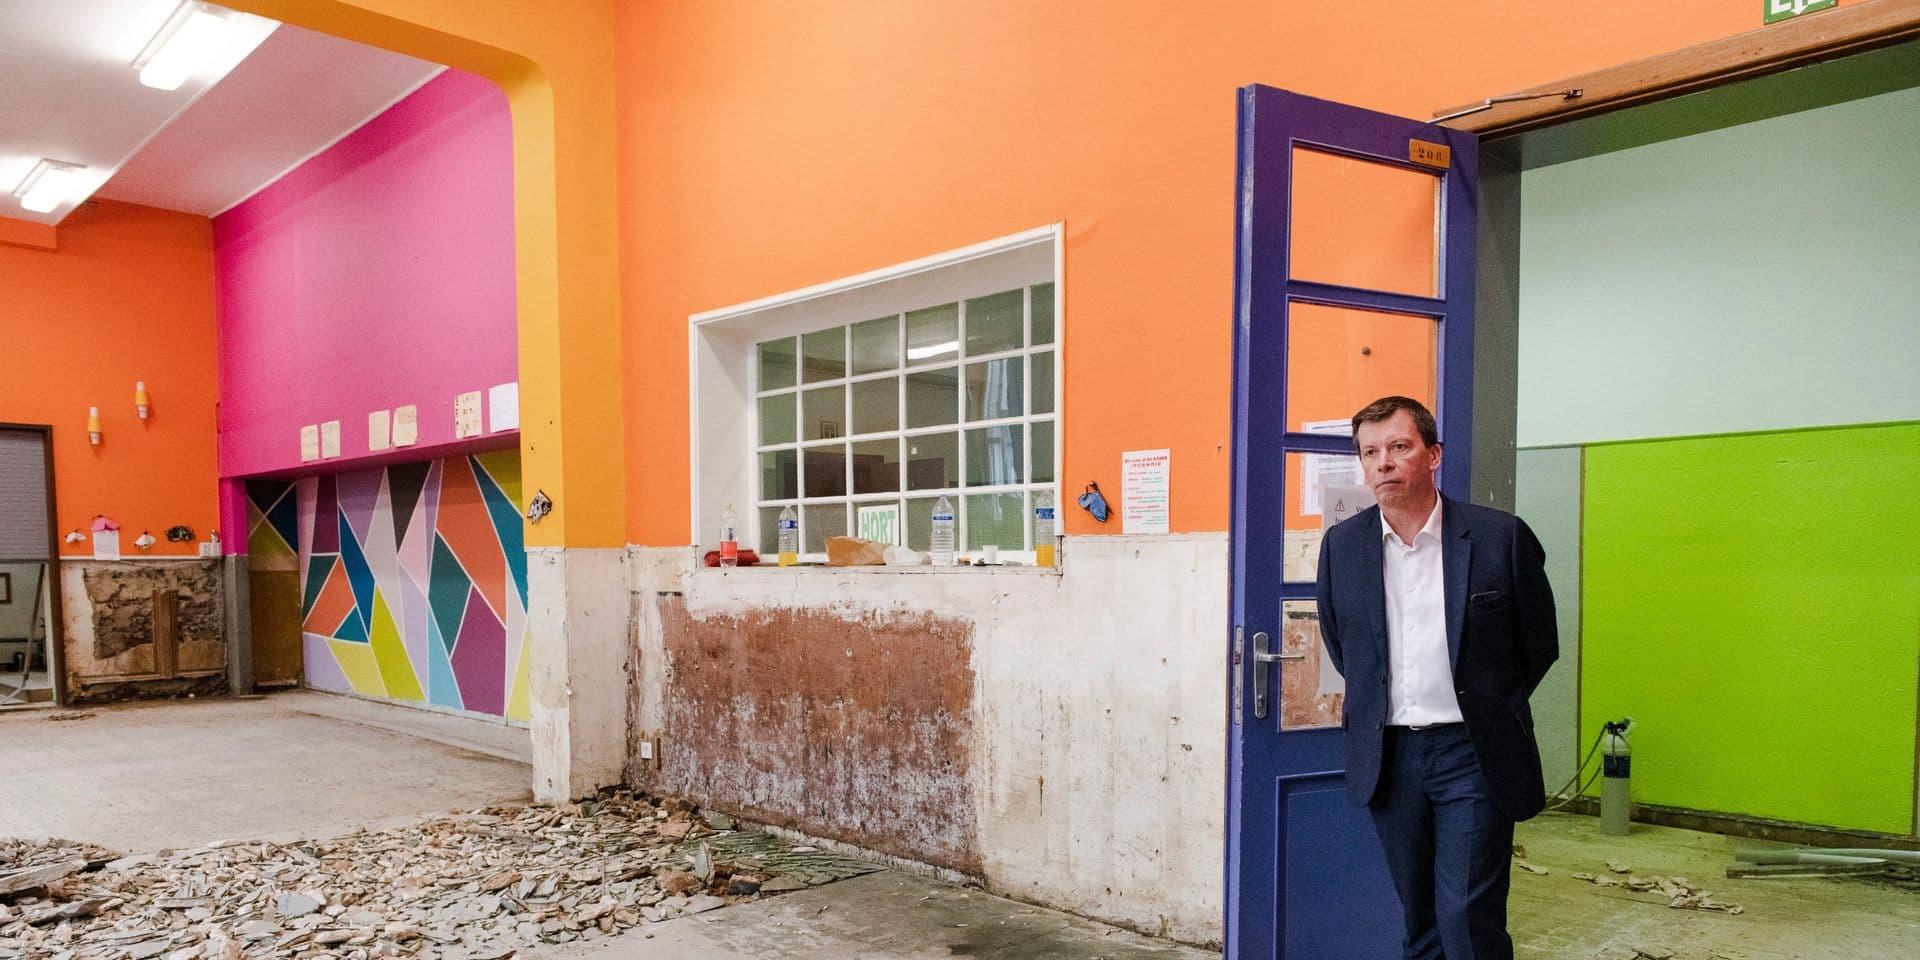 """Accord budgétaire pour la FWB : des investissements """"exceptionnels"""" dans les bâtiments scolaires en 2022"""